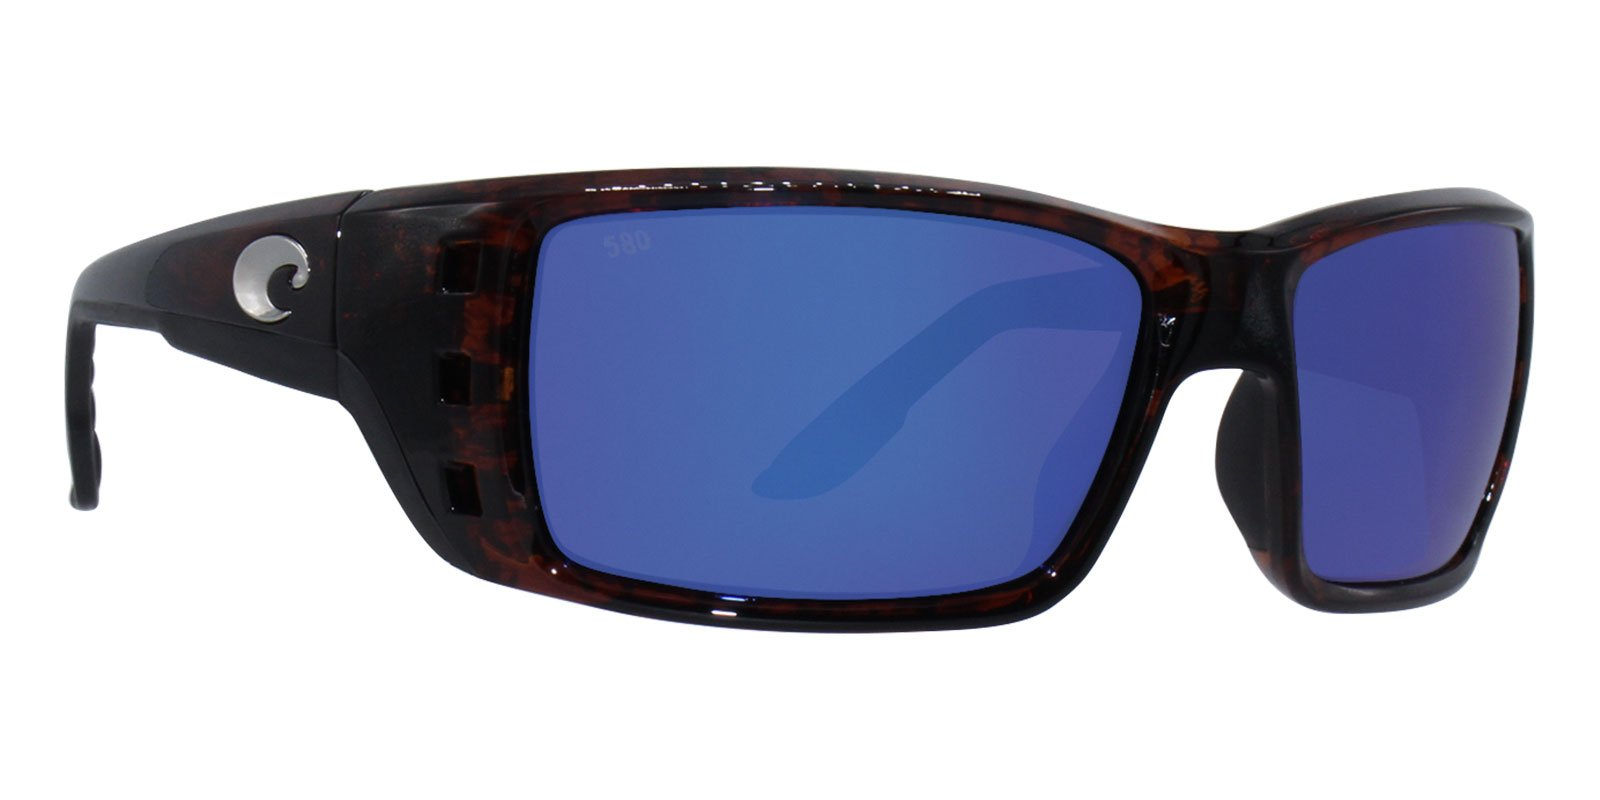 Costa Del Mar Permit Sunglass, Tortoise/Blue Mirror 580Glass by Costa Del Mar